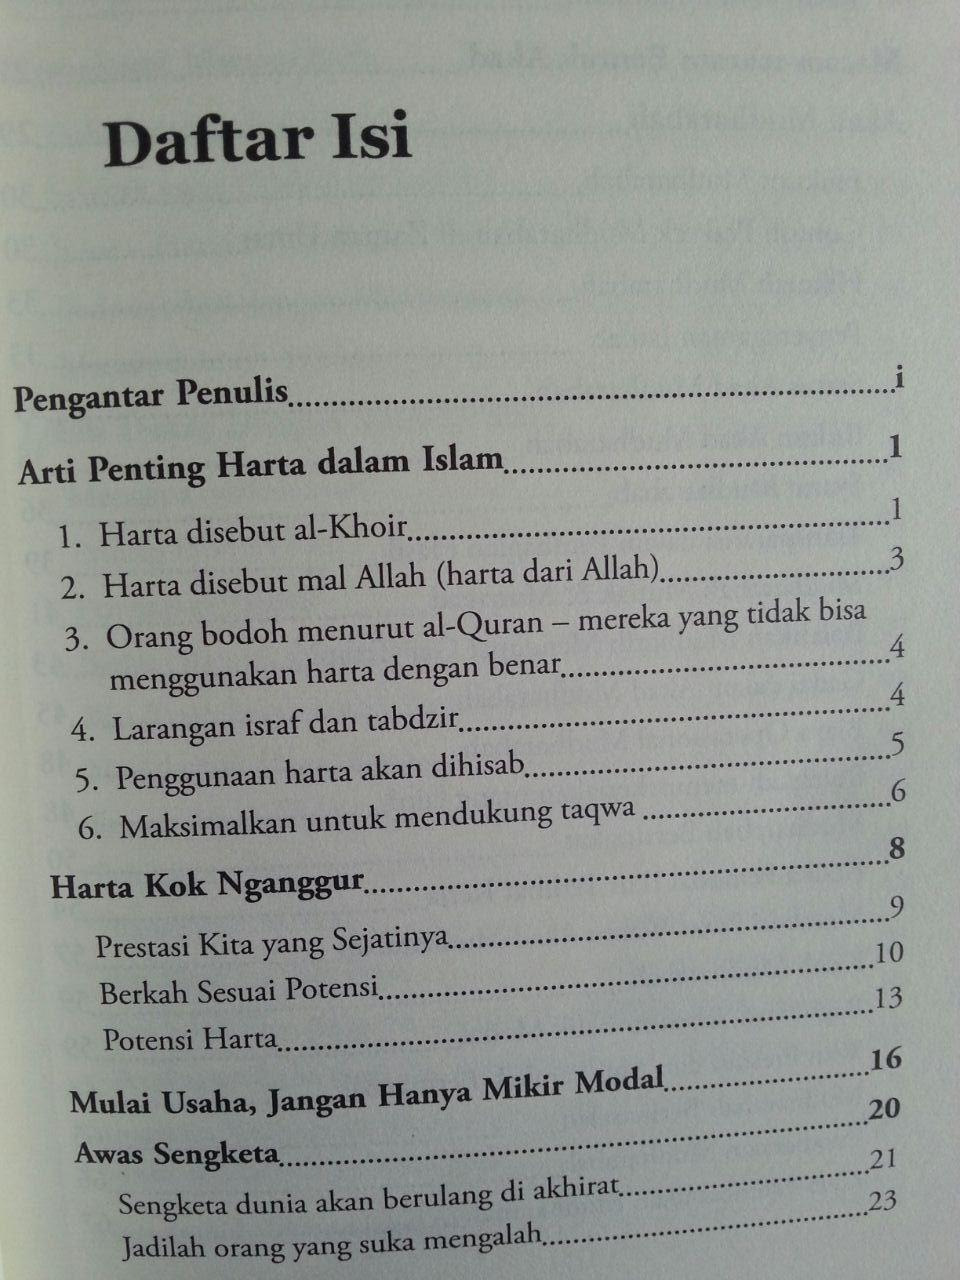 Buku Pengantar Permodalan Dalam Islam isi